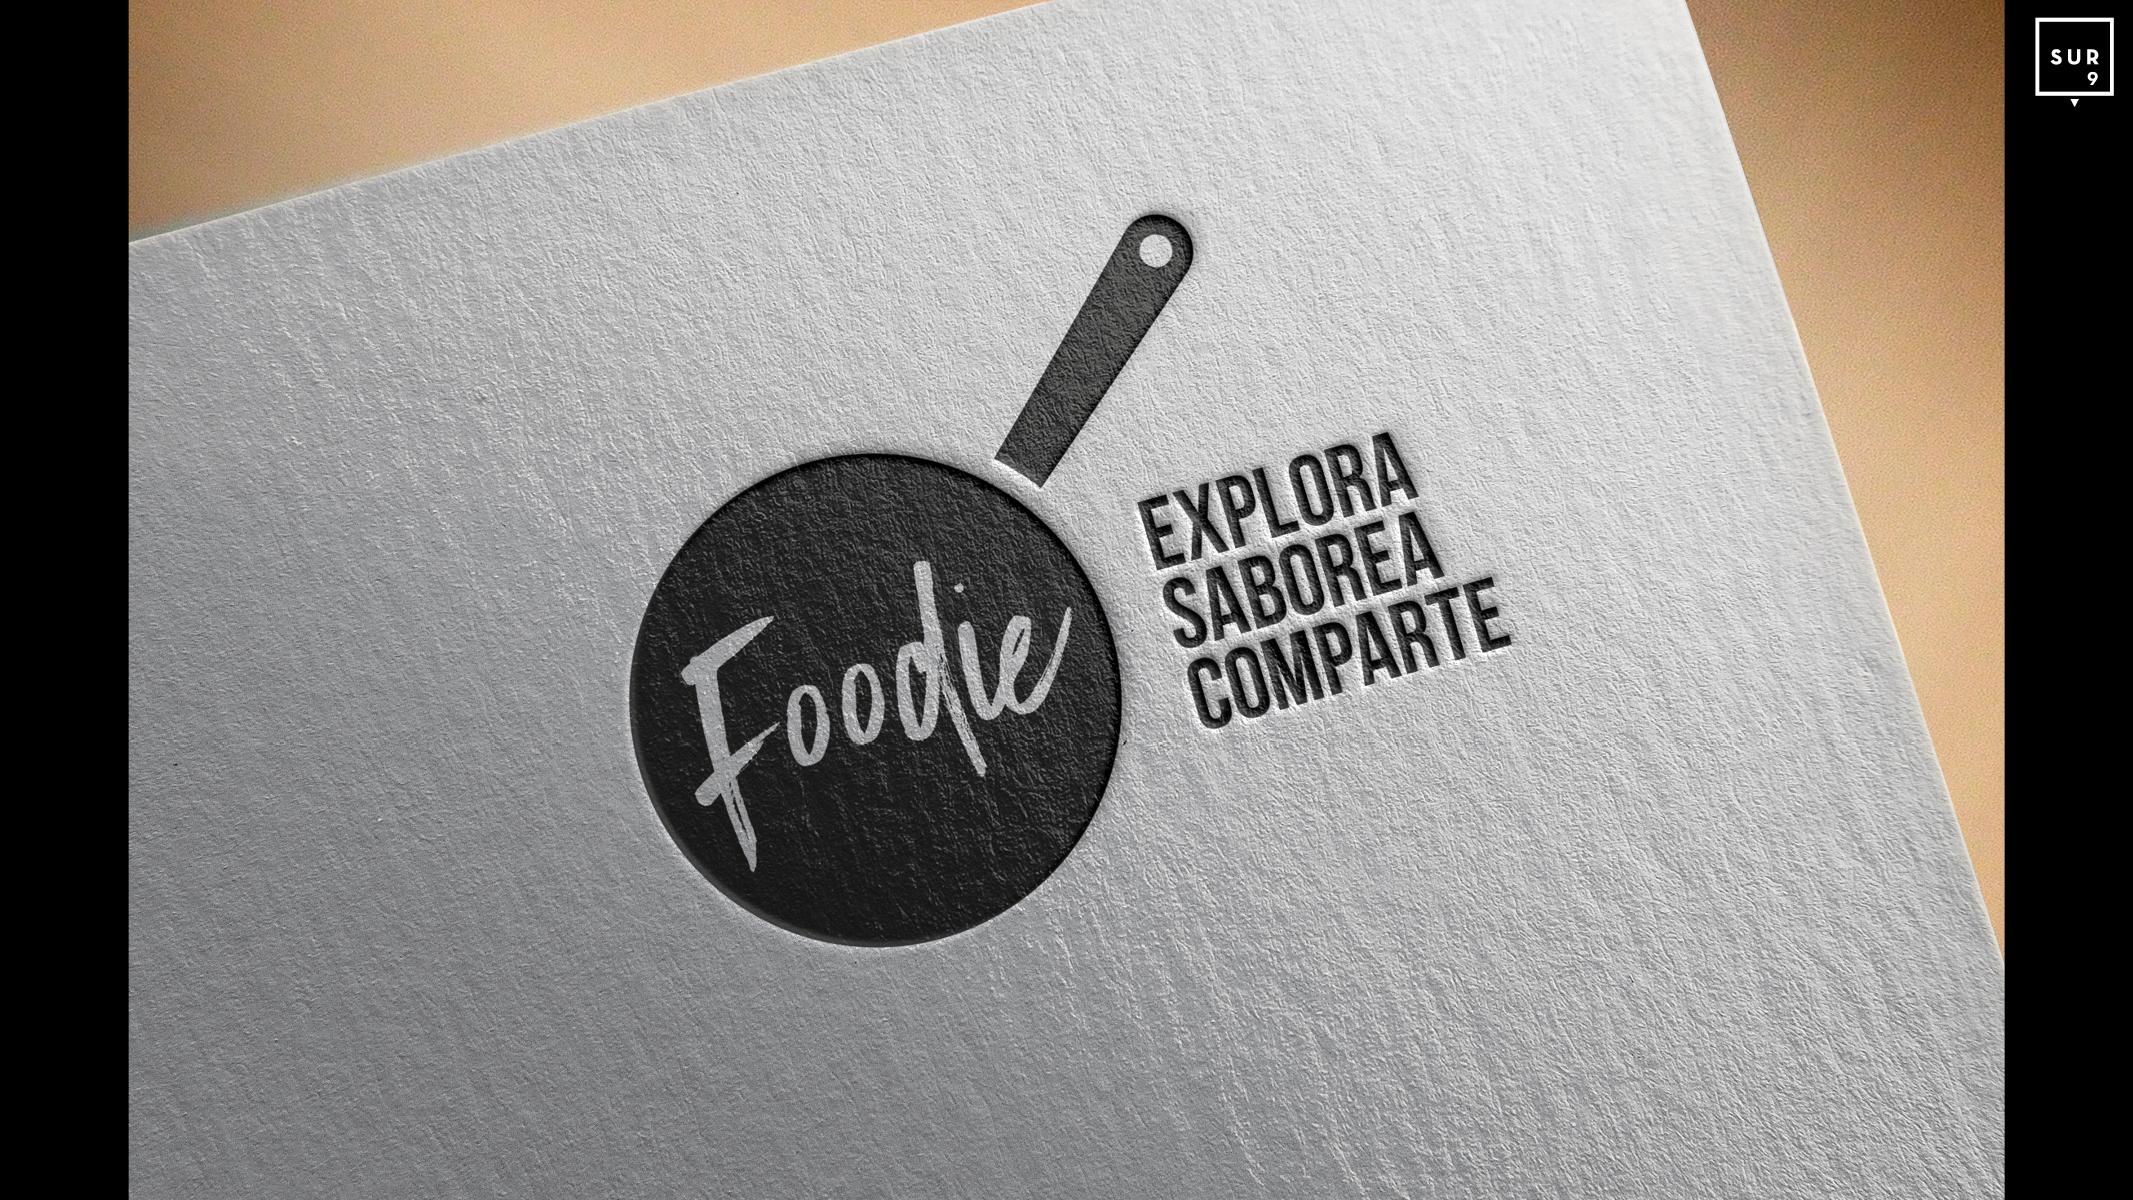 Pres Foodies design aprobada9